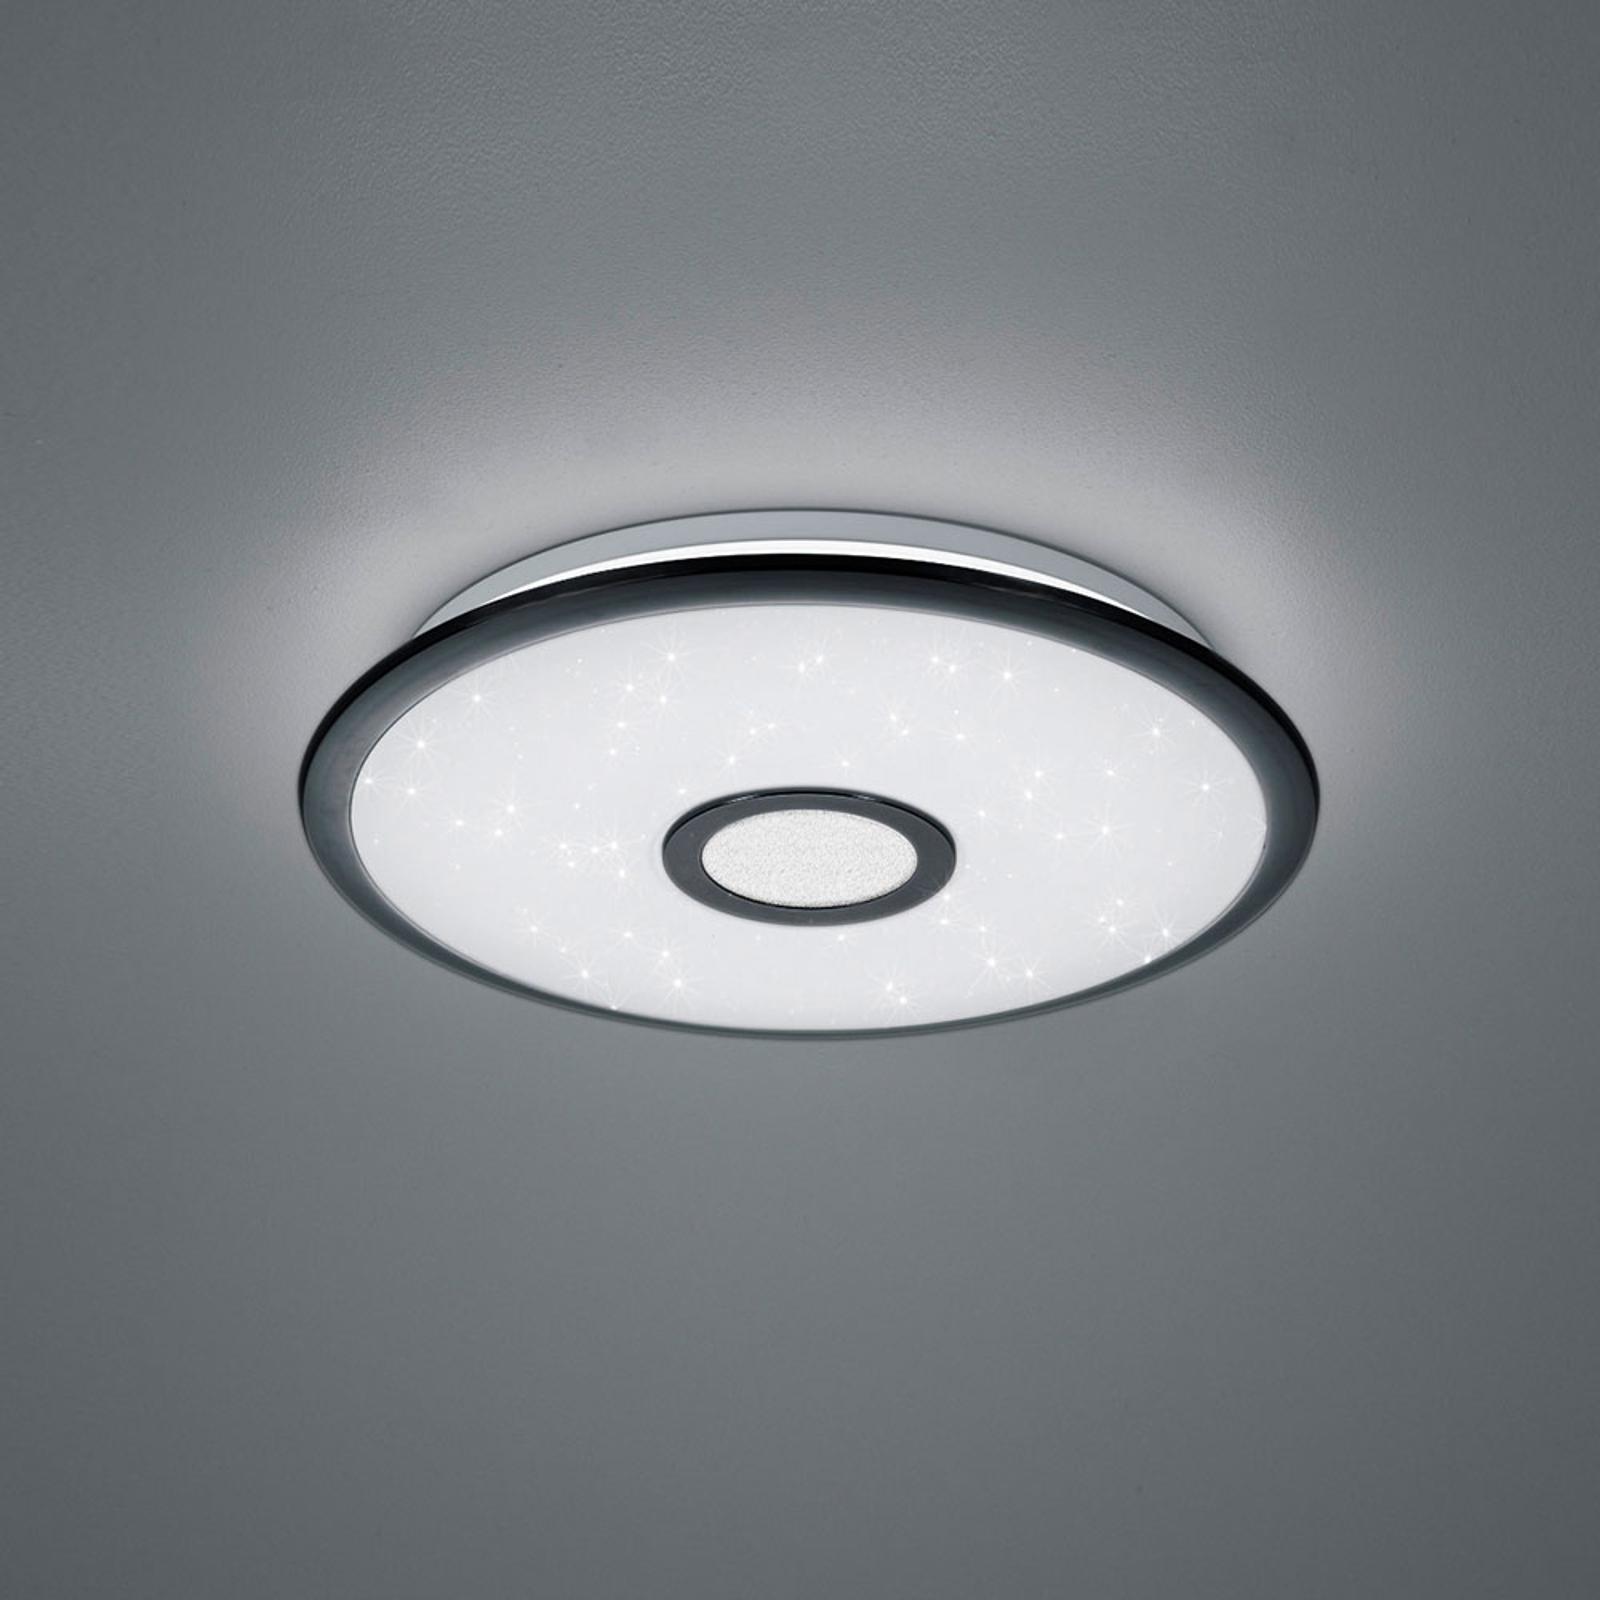 LED-taklampe Okinawa, 3000K–5500K, Ø 42cm